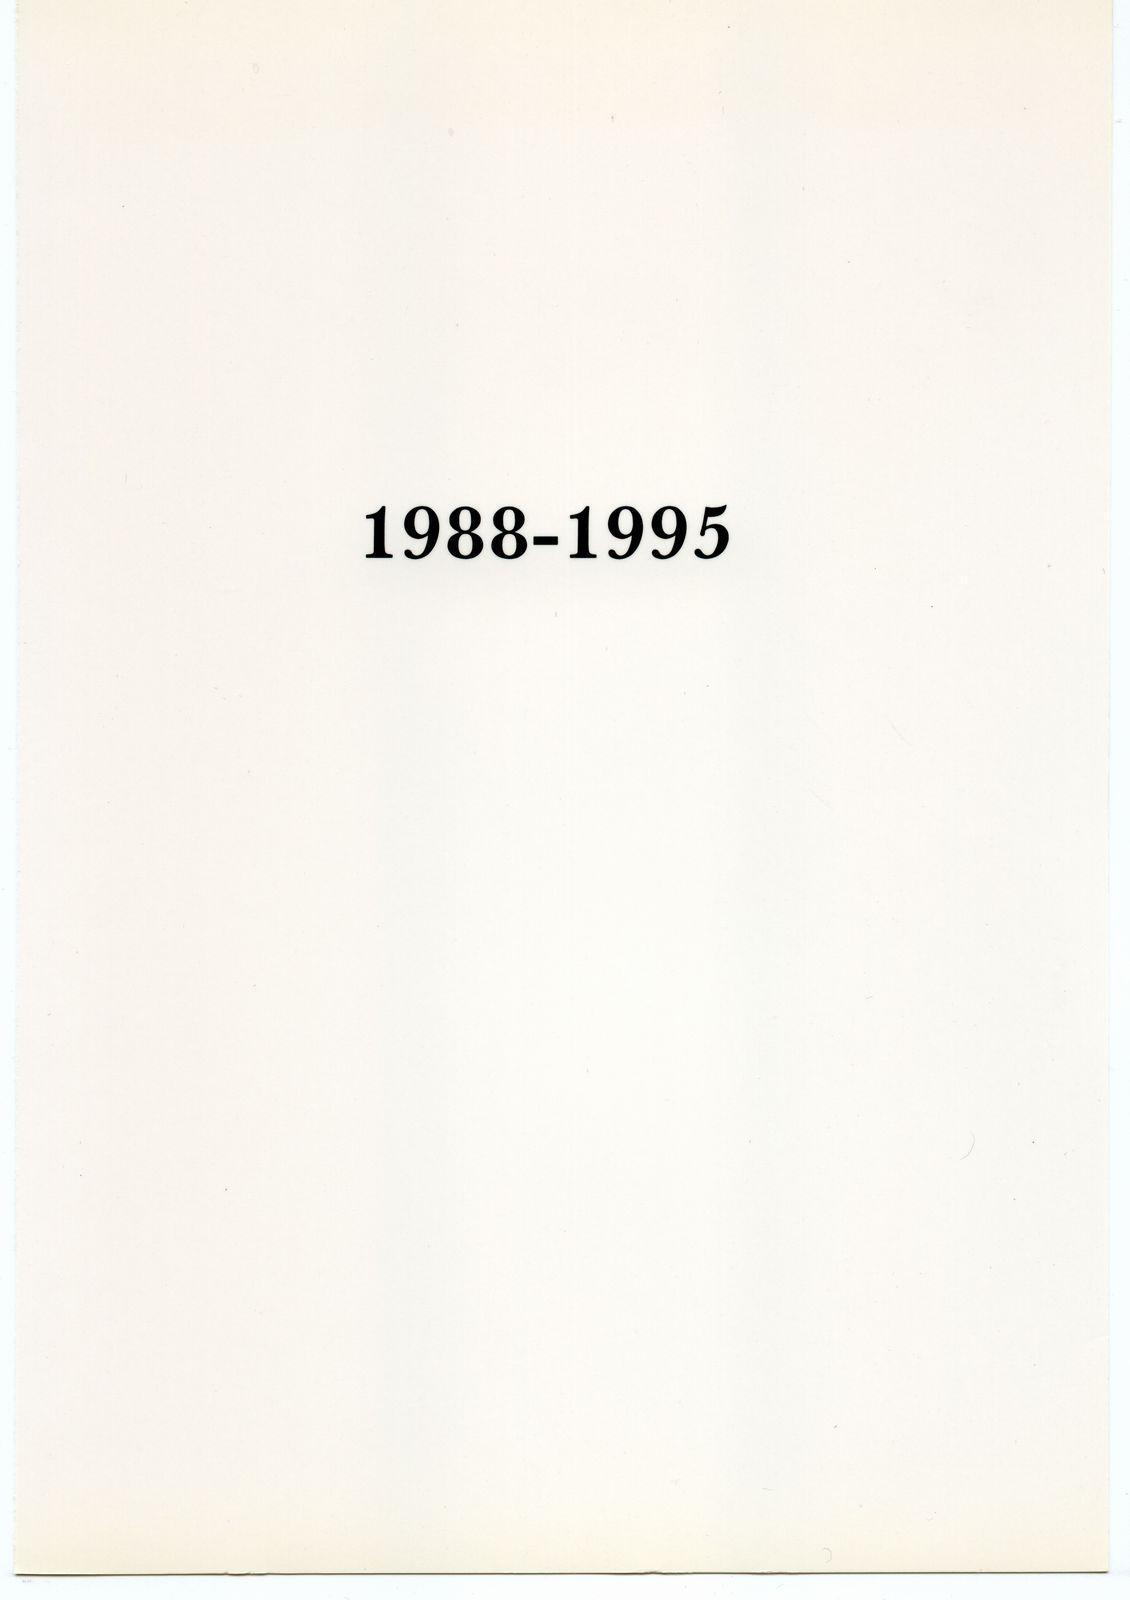 CATALOGUE 1988-1995 137